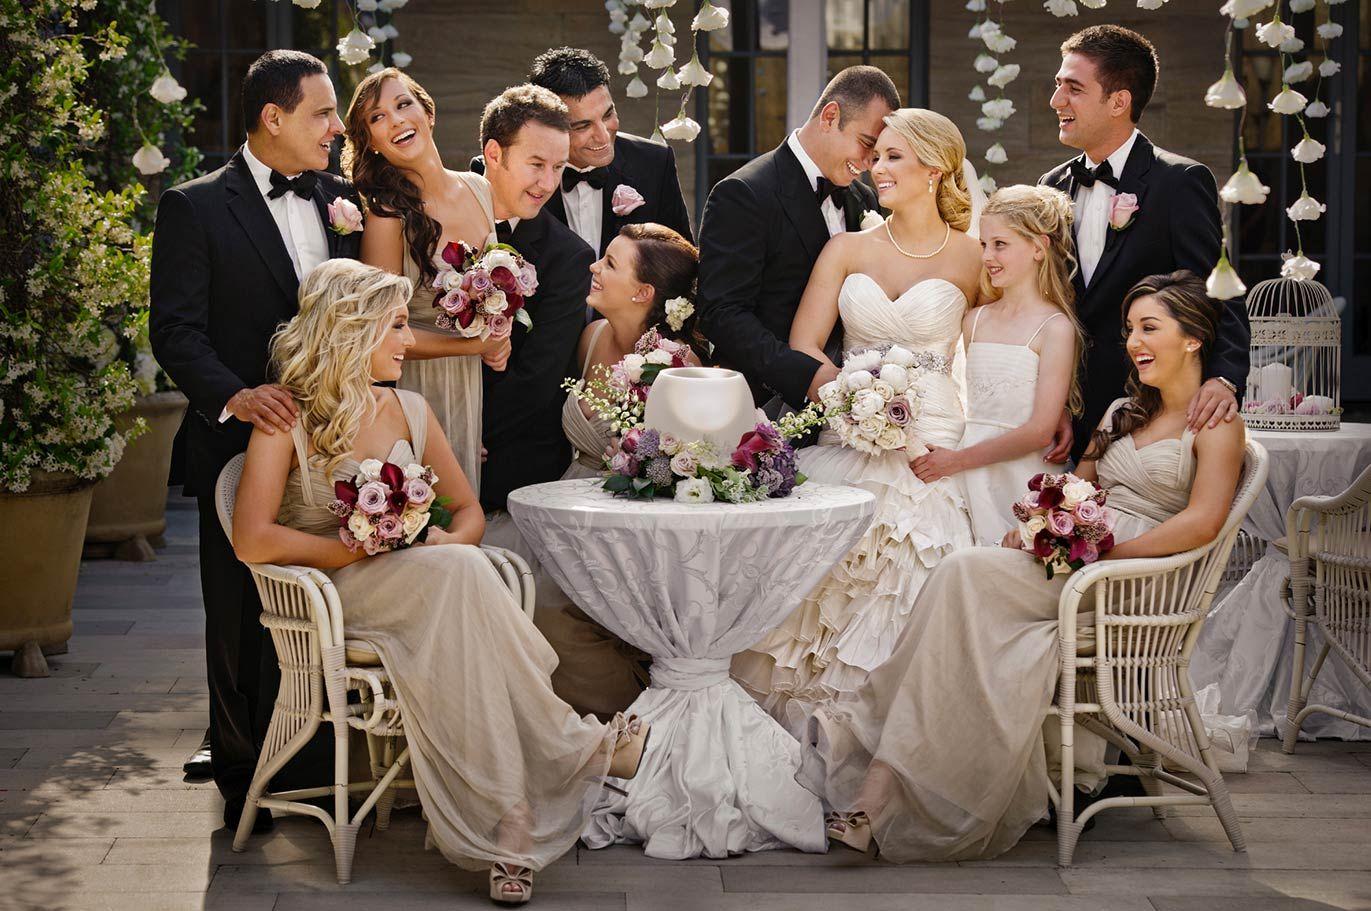 Фотографии свадеб людей из высшего общества